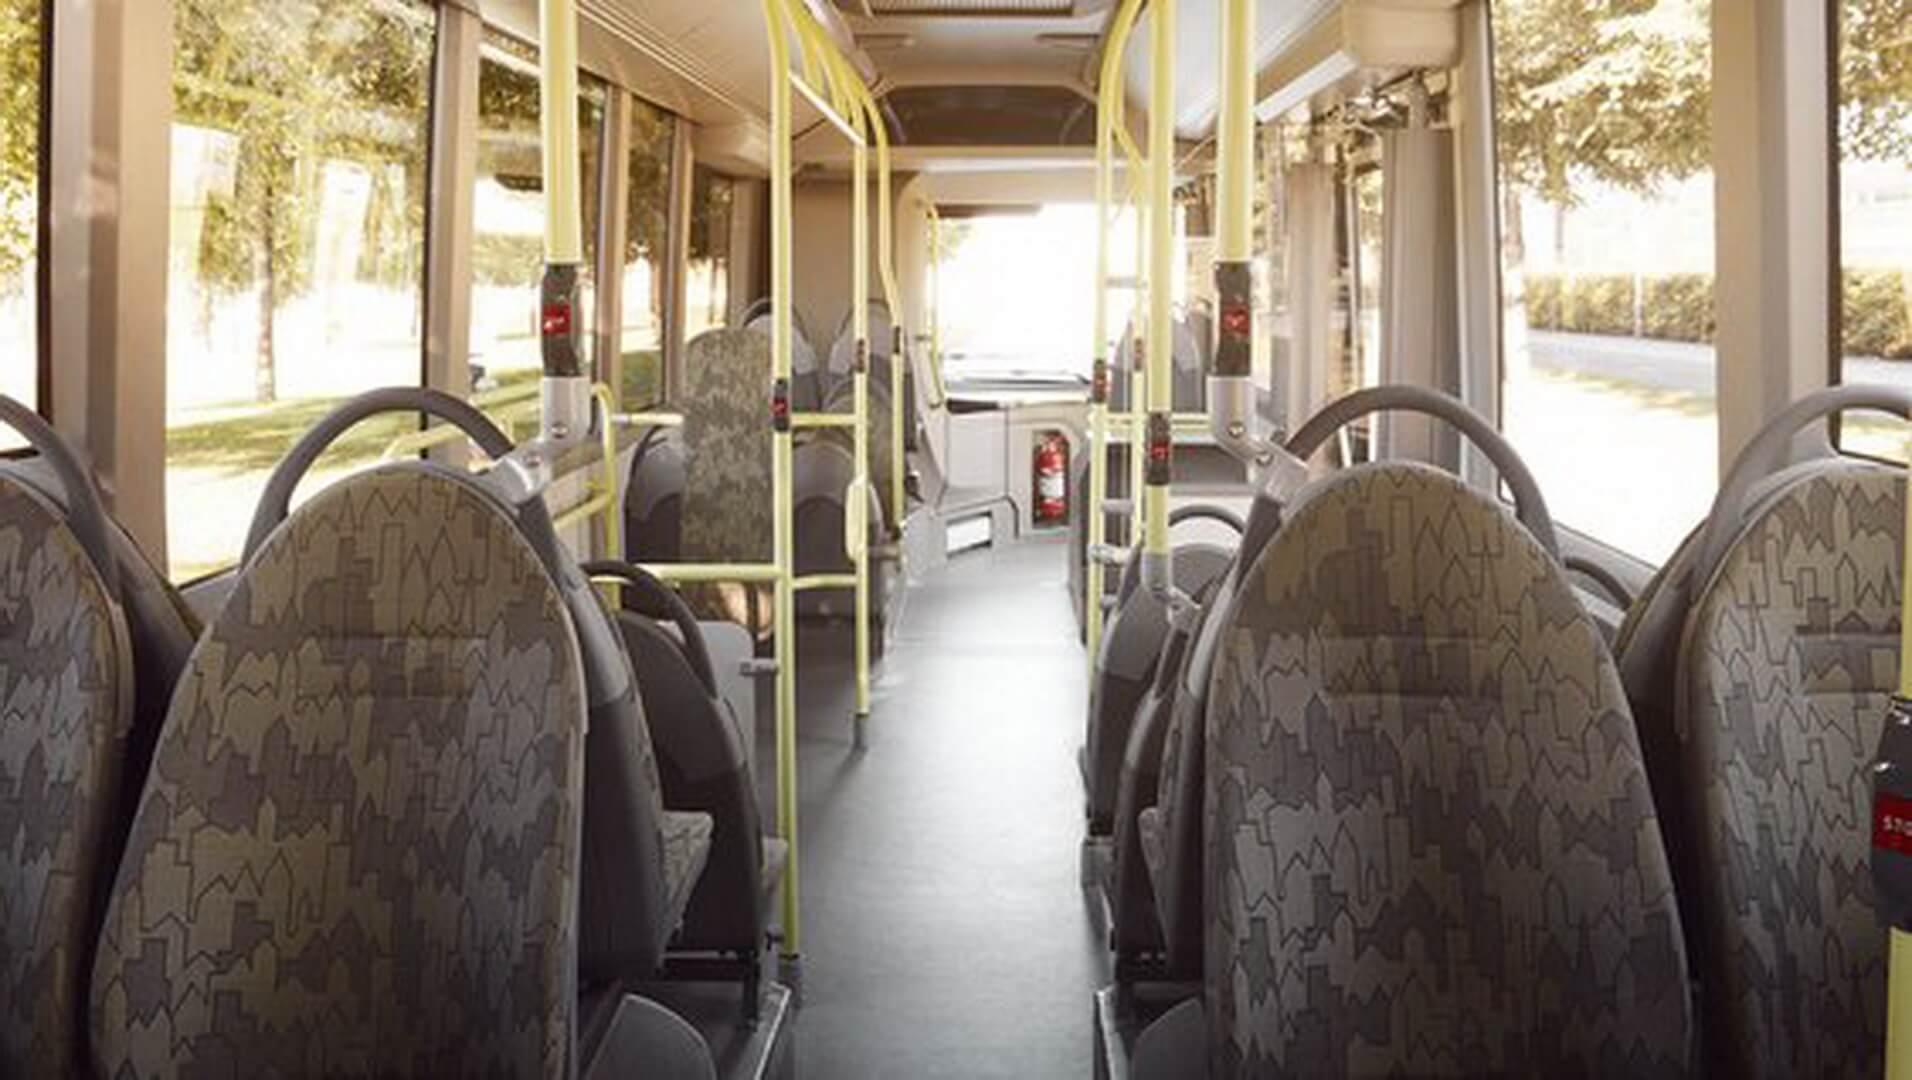 Планировка салона Volvo 7900, вмещающая 105 сидячих истоячих пассажиров